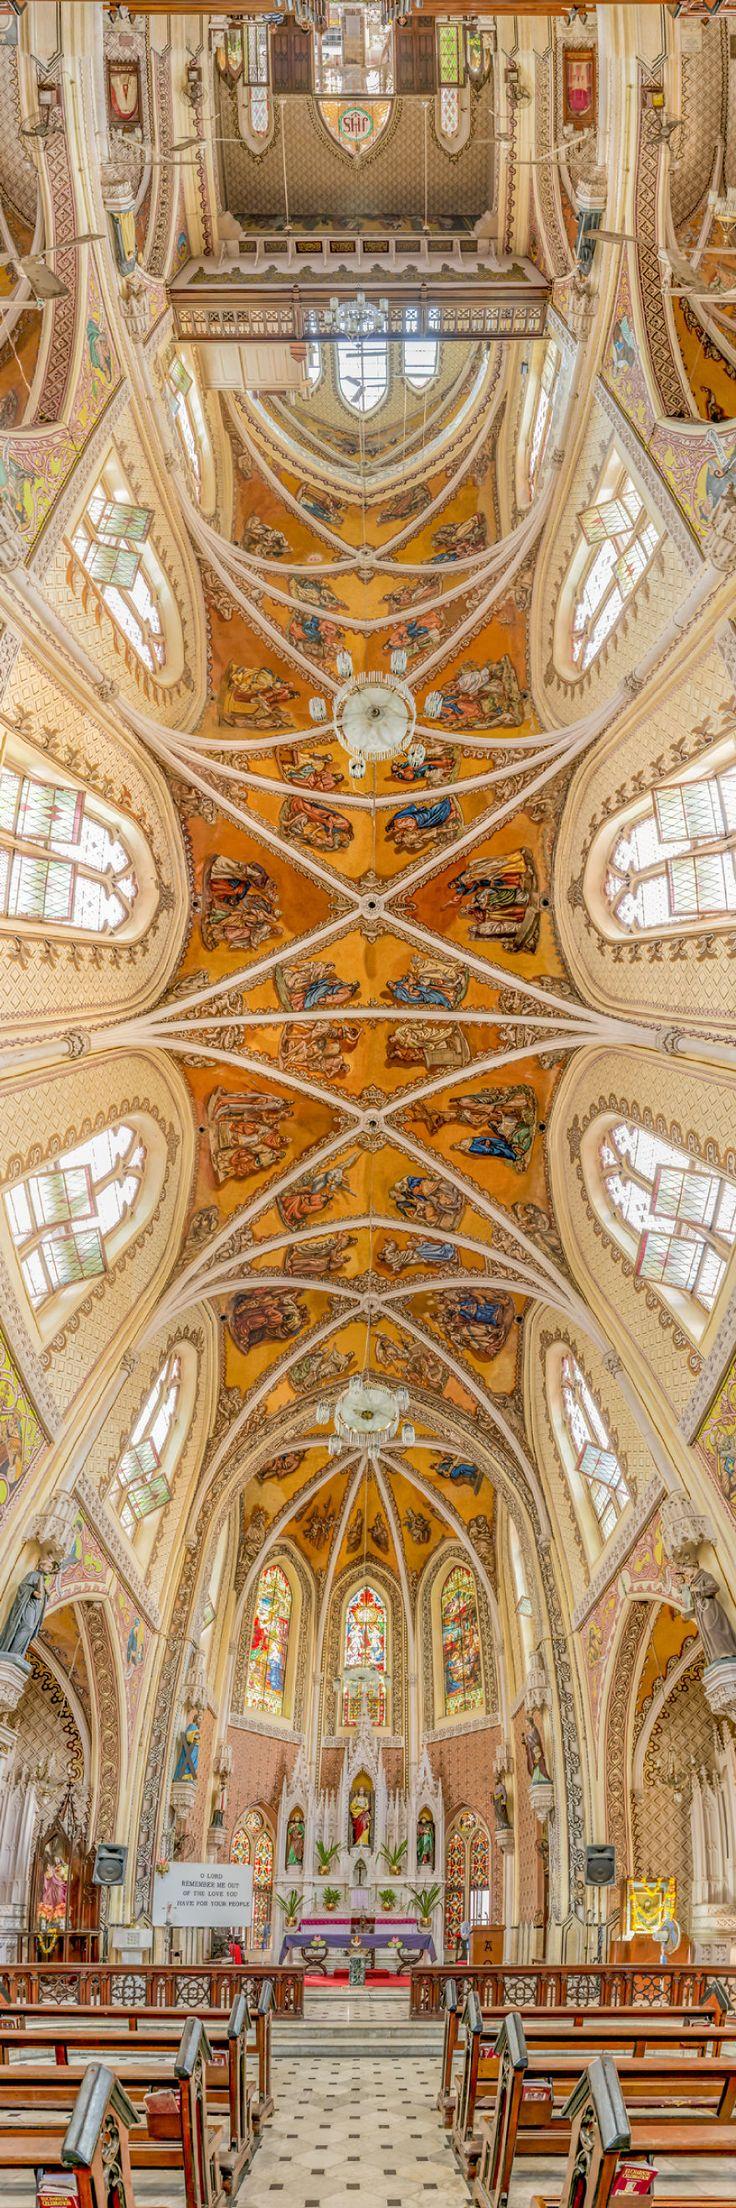 Iglesia en el Nombre del Santo, Mumbai, India. Catedrales de todo el mundo fotografiadas desde una perspectiva perfecta.